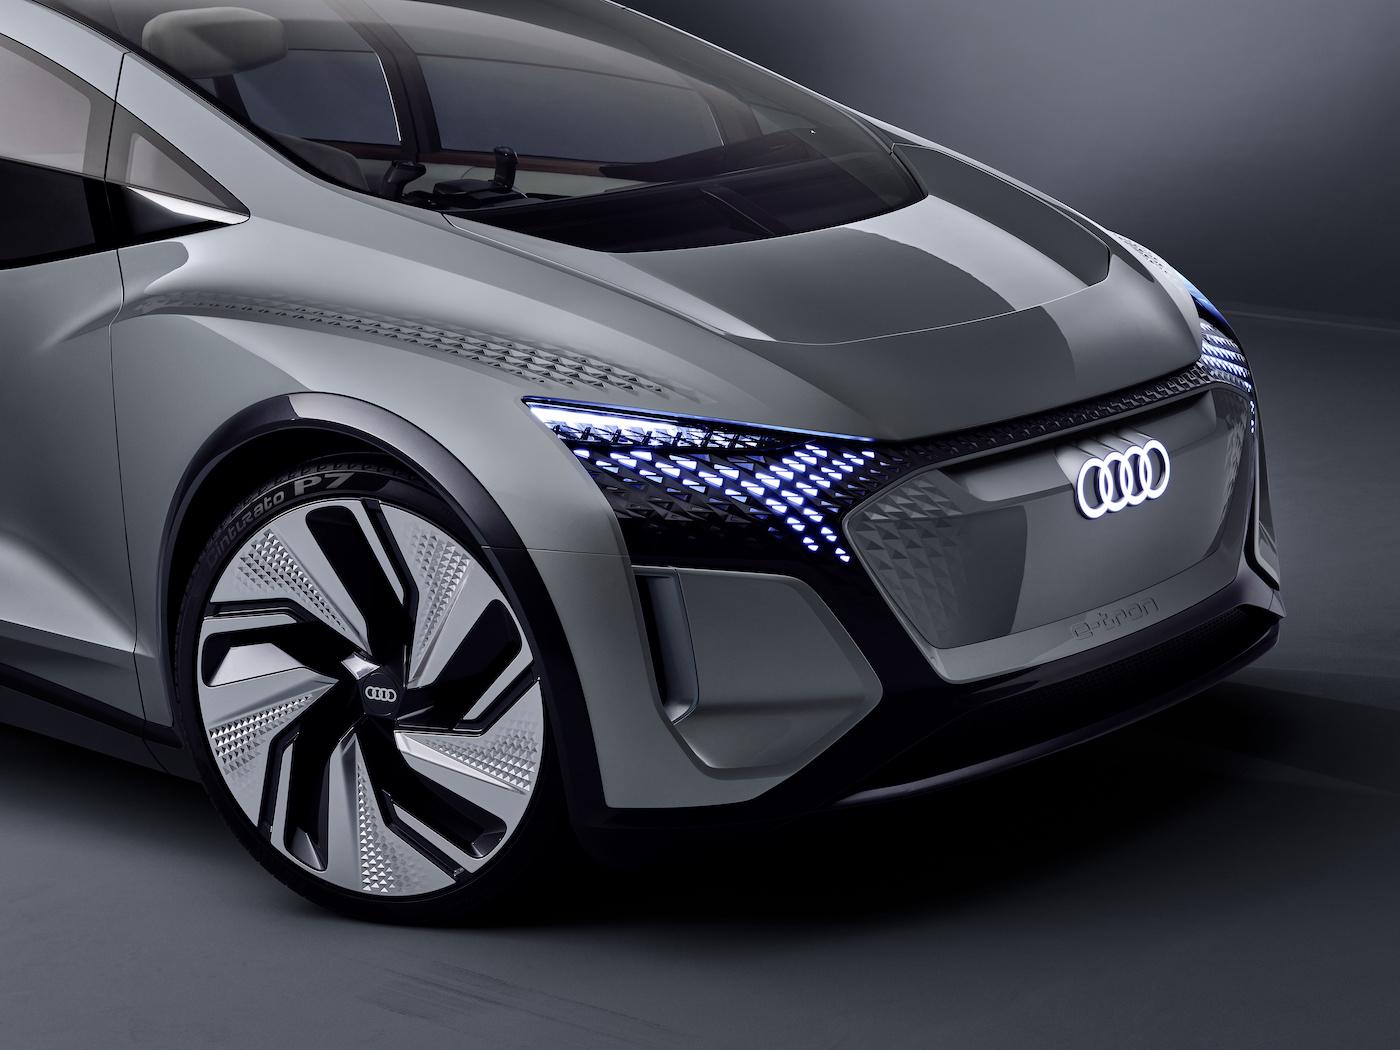 Der kompakte Audi der Zukunft: Das ist der Audi AI:ME 19